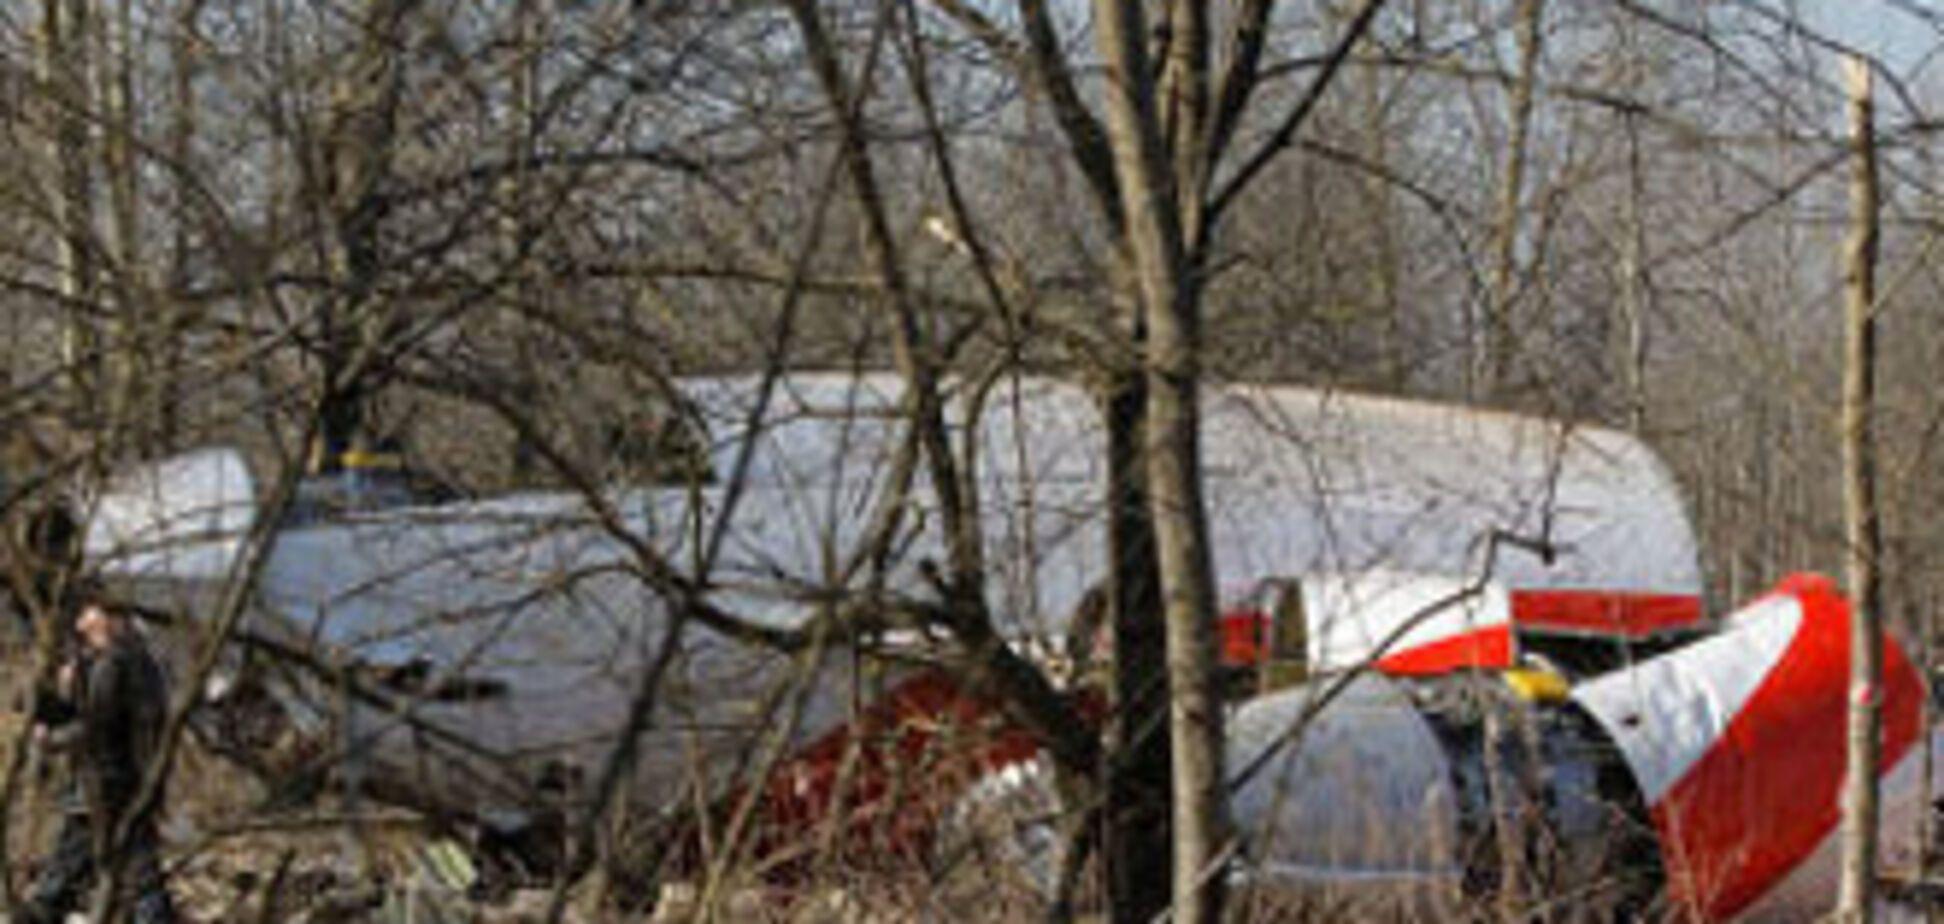 Пилот упавшего самолета работал у Виктора Ющенко?